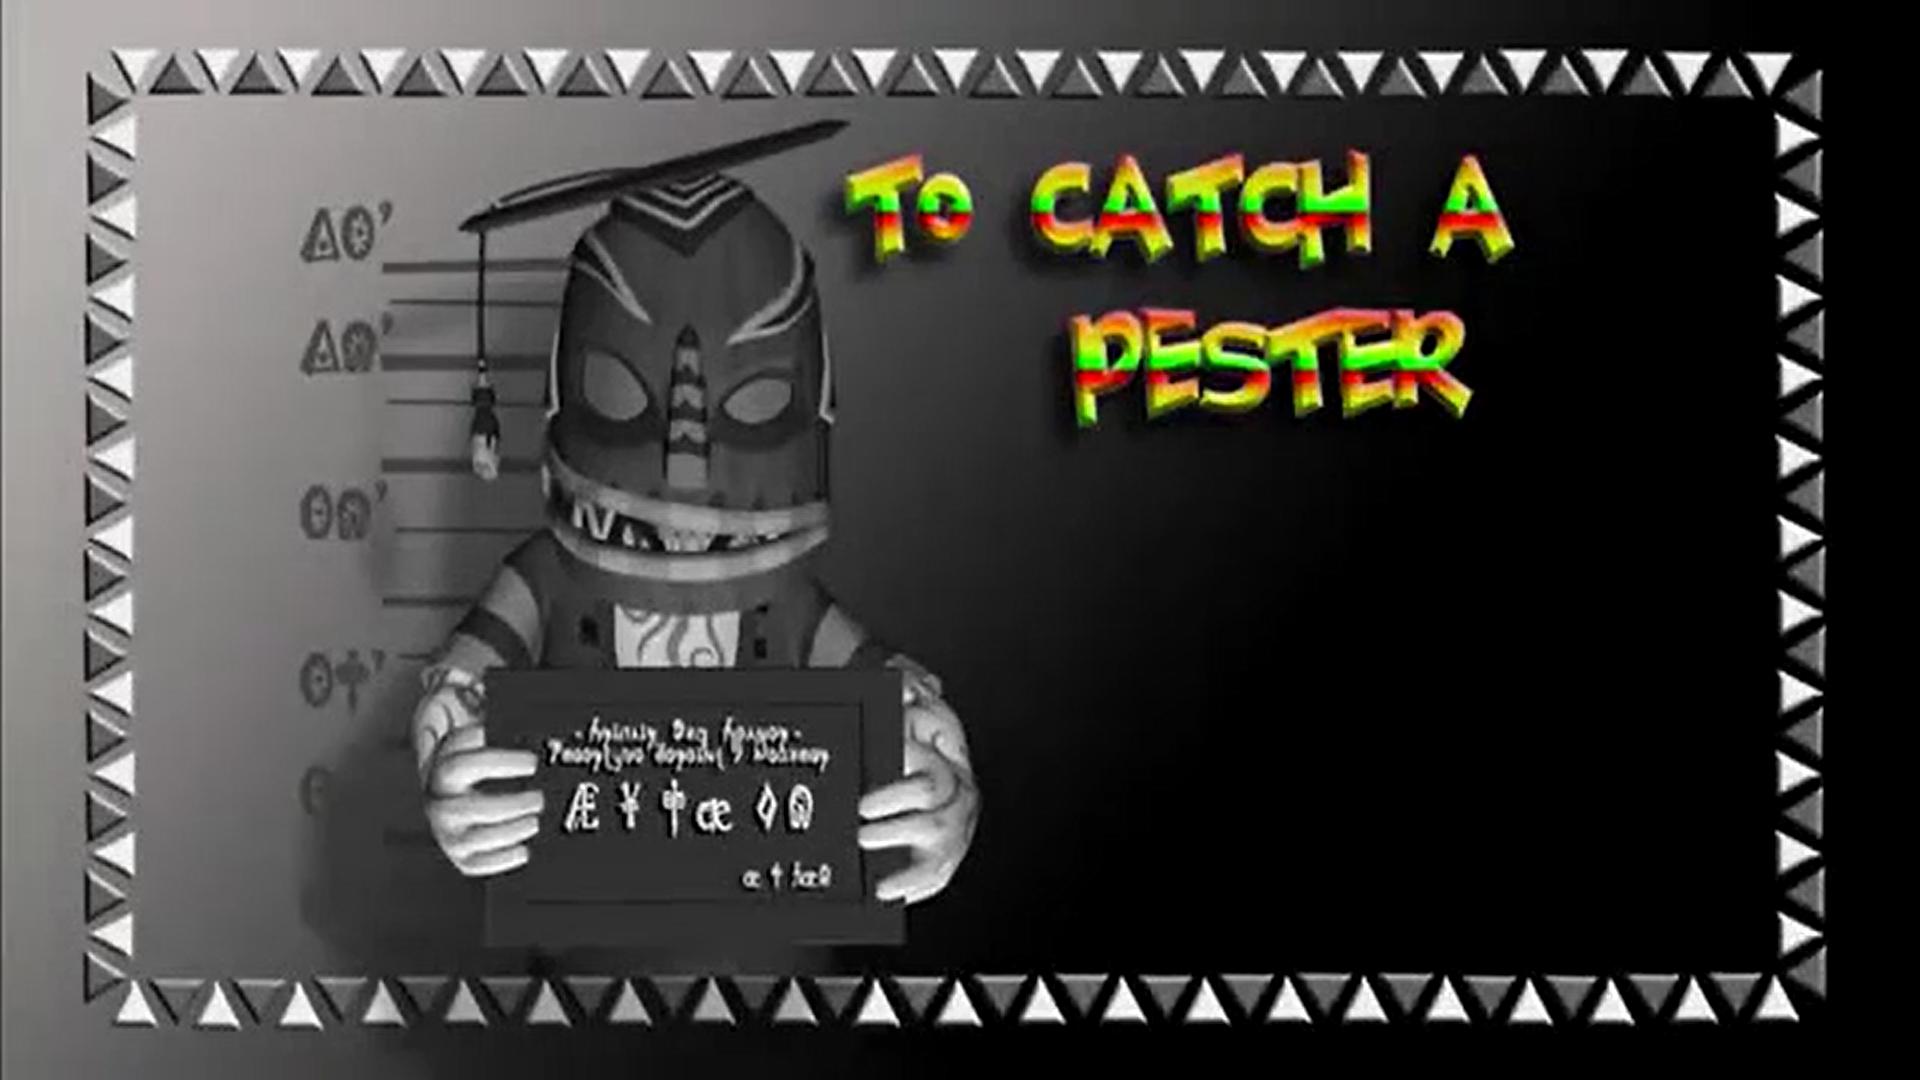 To Catch a Pester